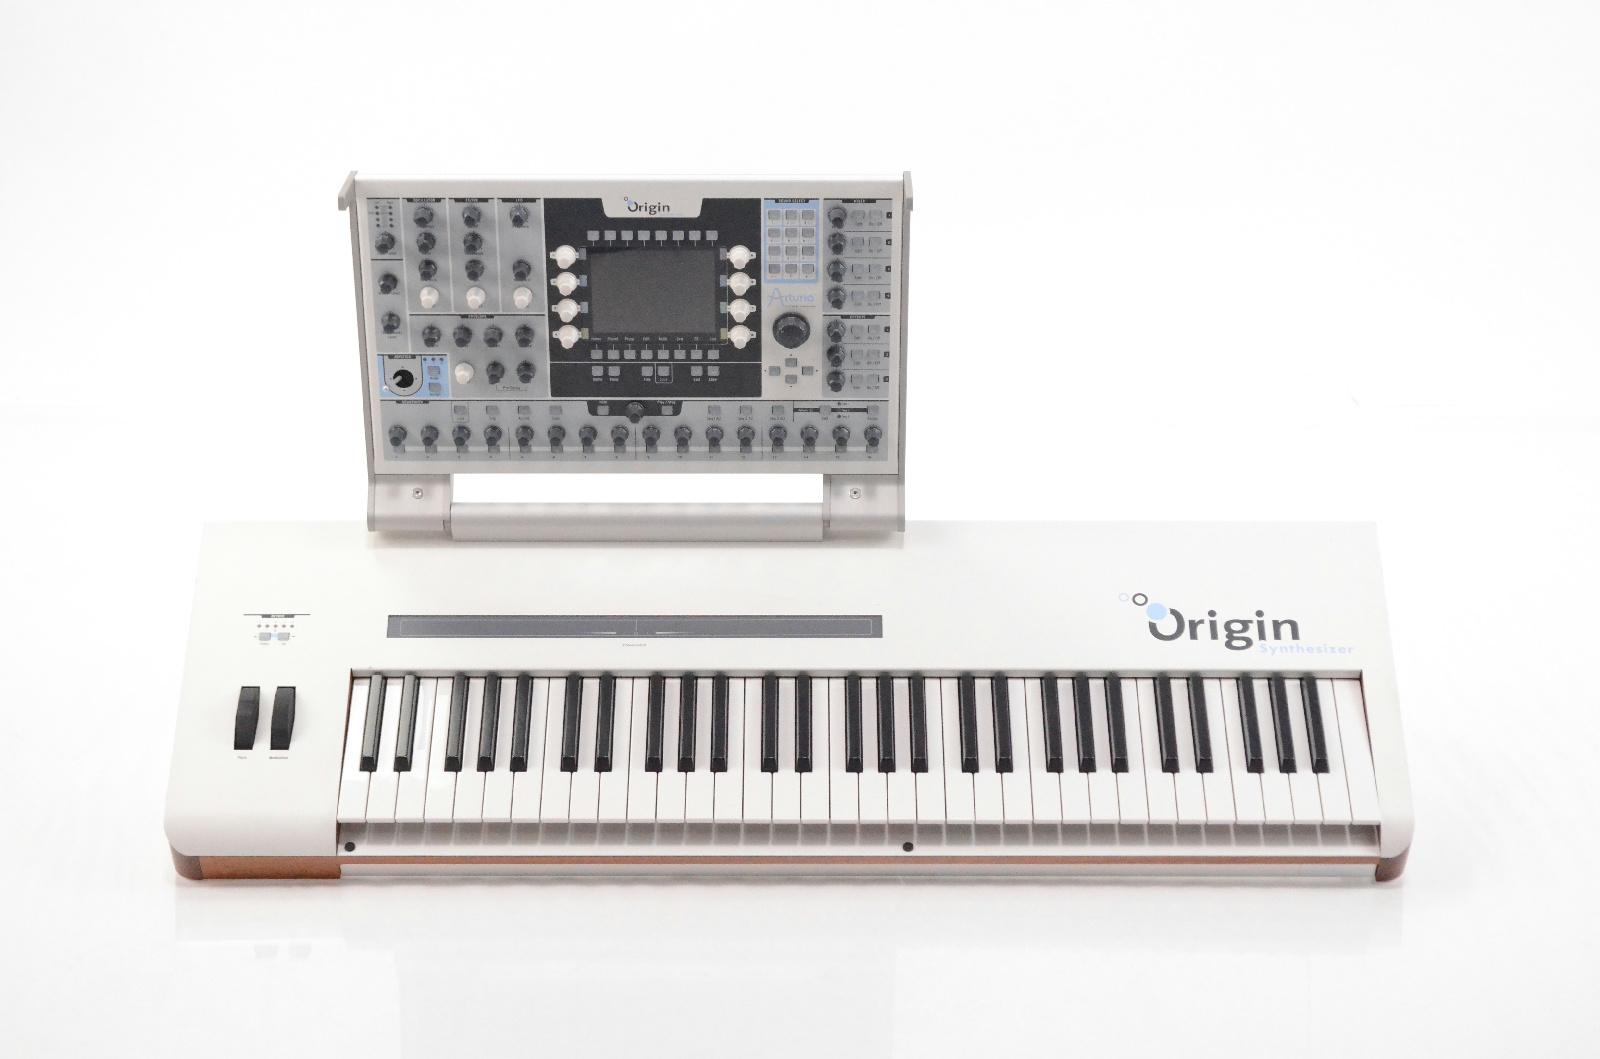 Arturia Origin Synthesizer Synth Sound Module w/ Keyboard & Power Supply #32970